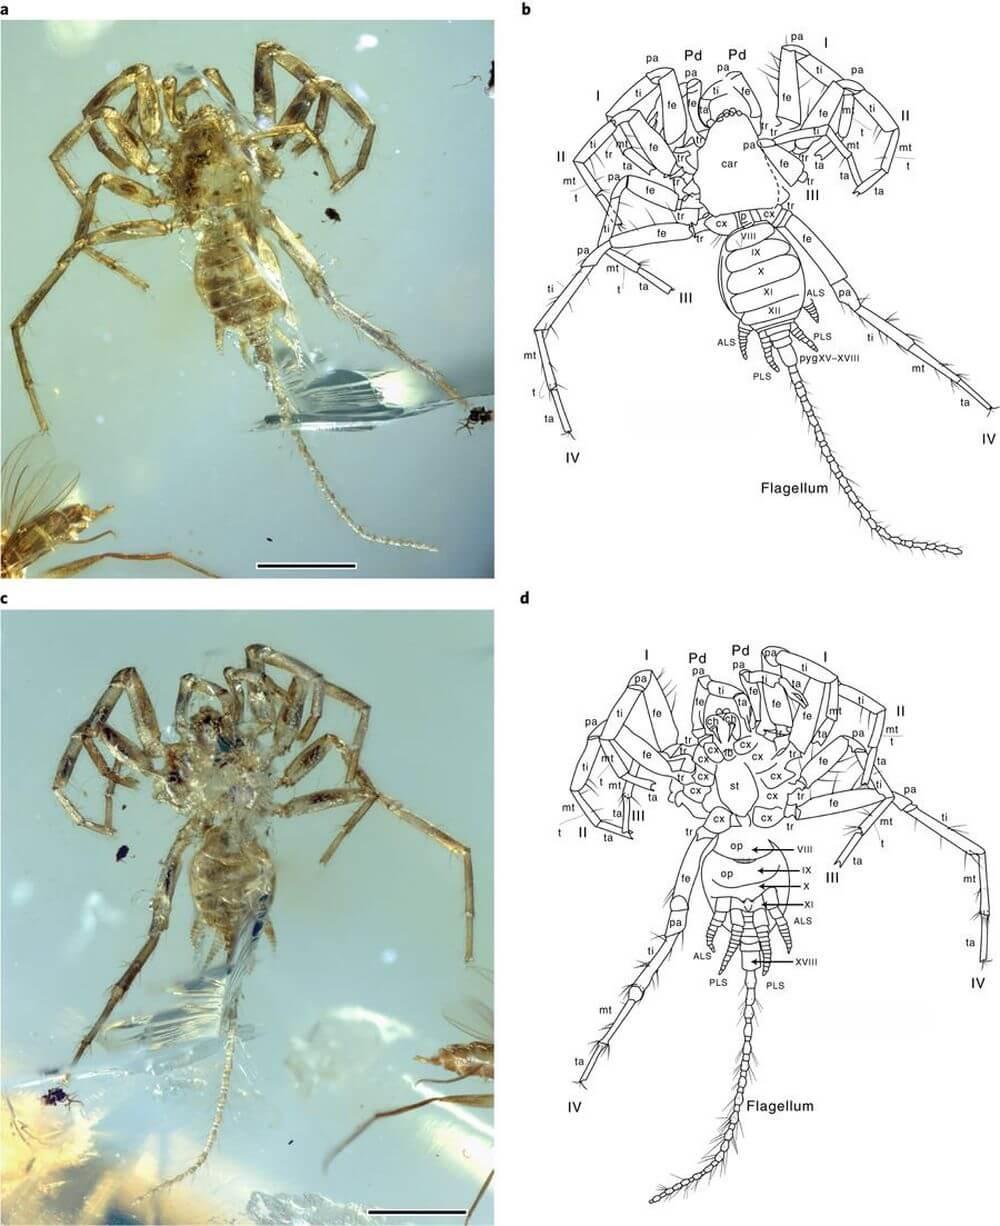 Учёные обнаружили в куске янтаря вымершего паука-химеру (3 фото)